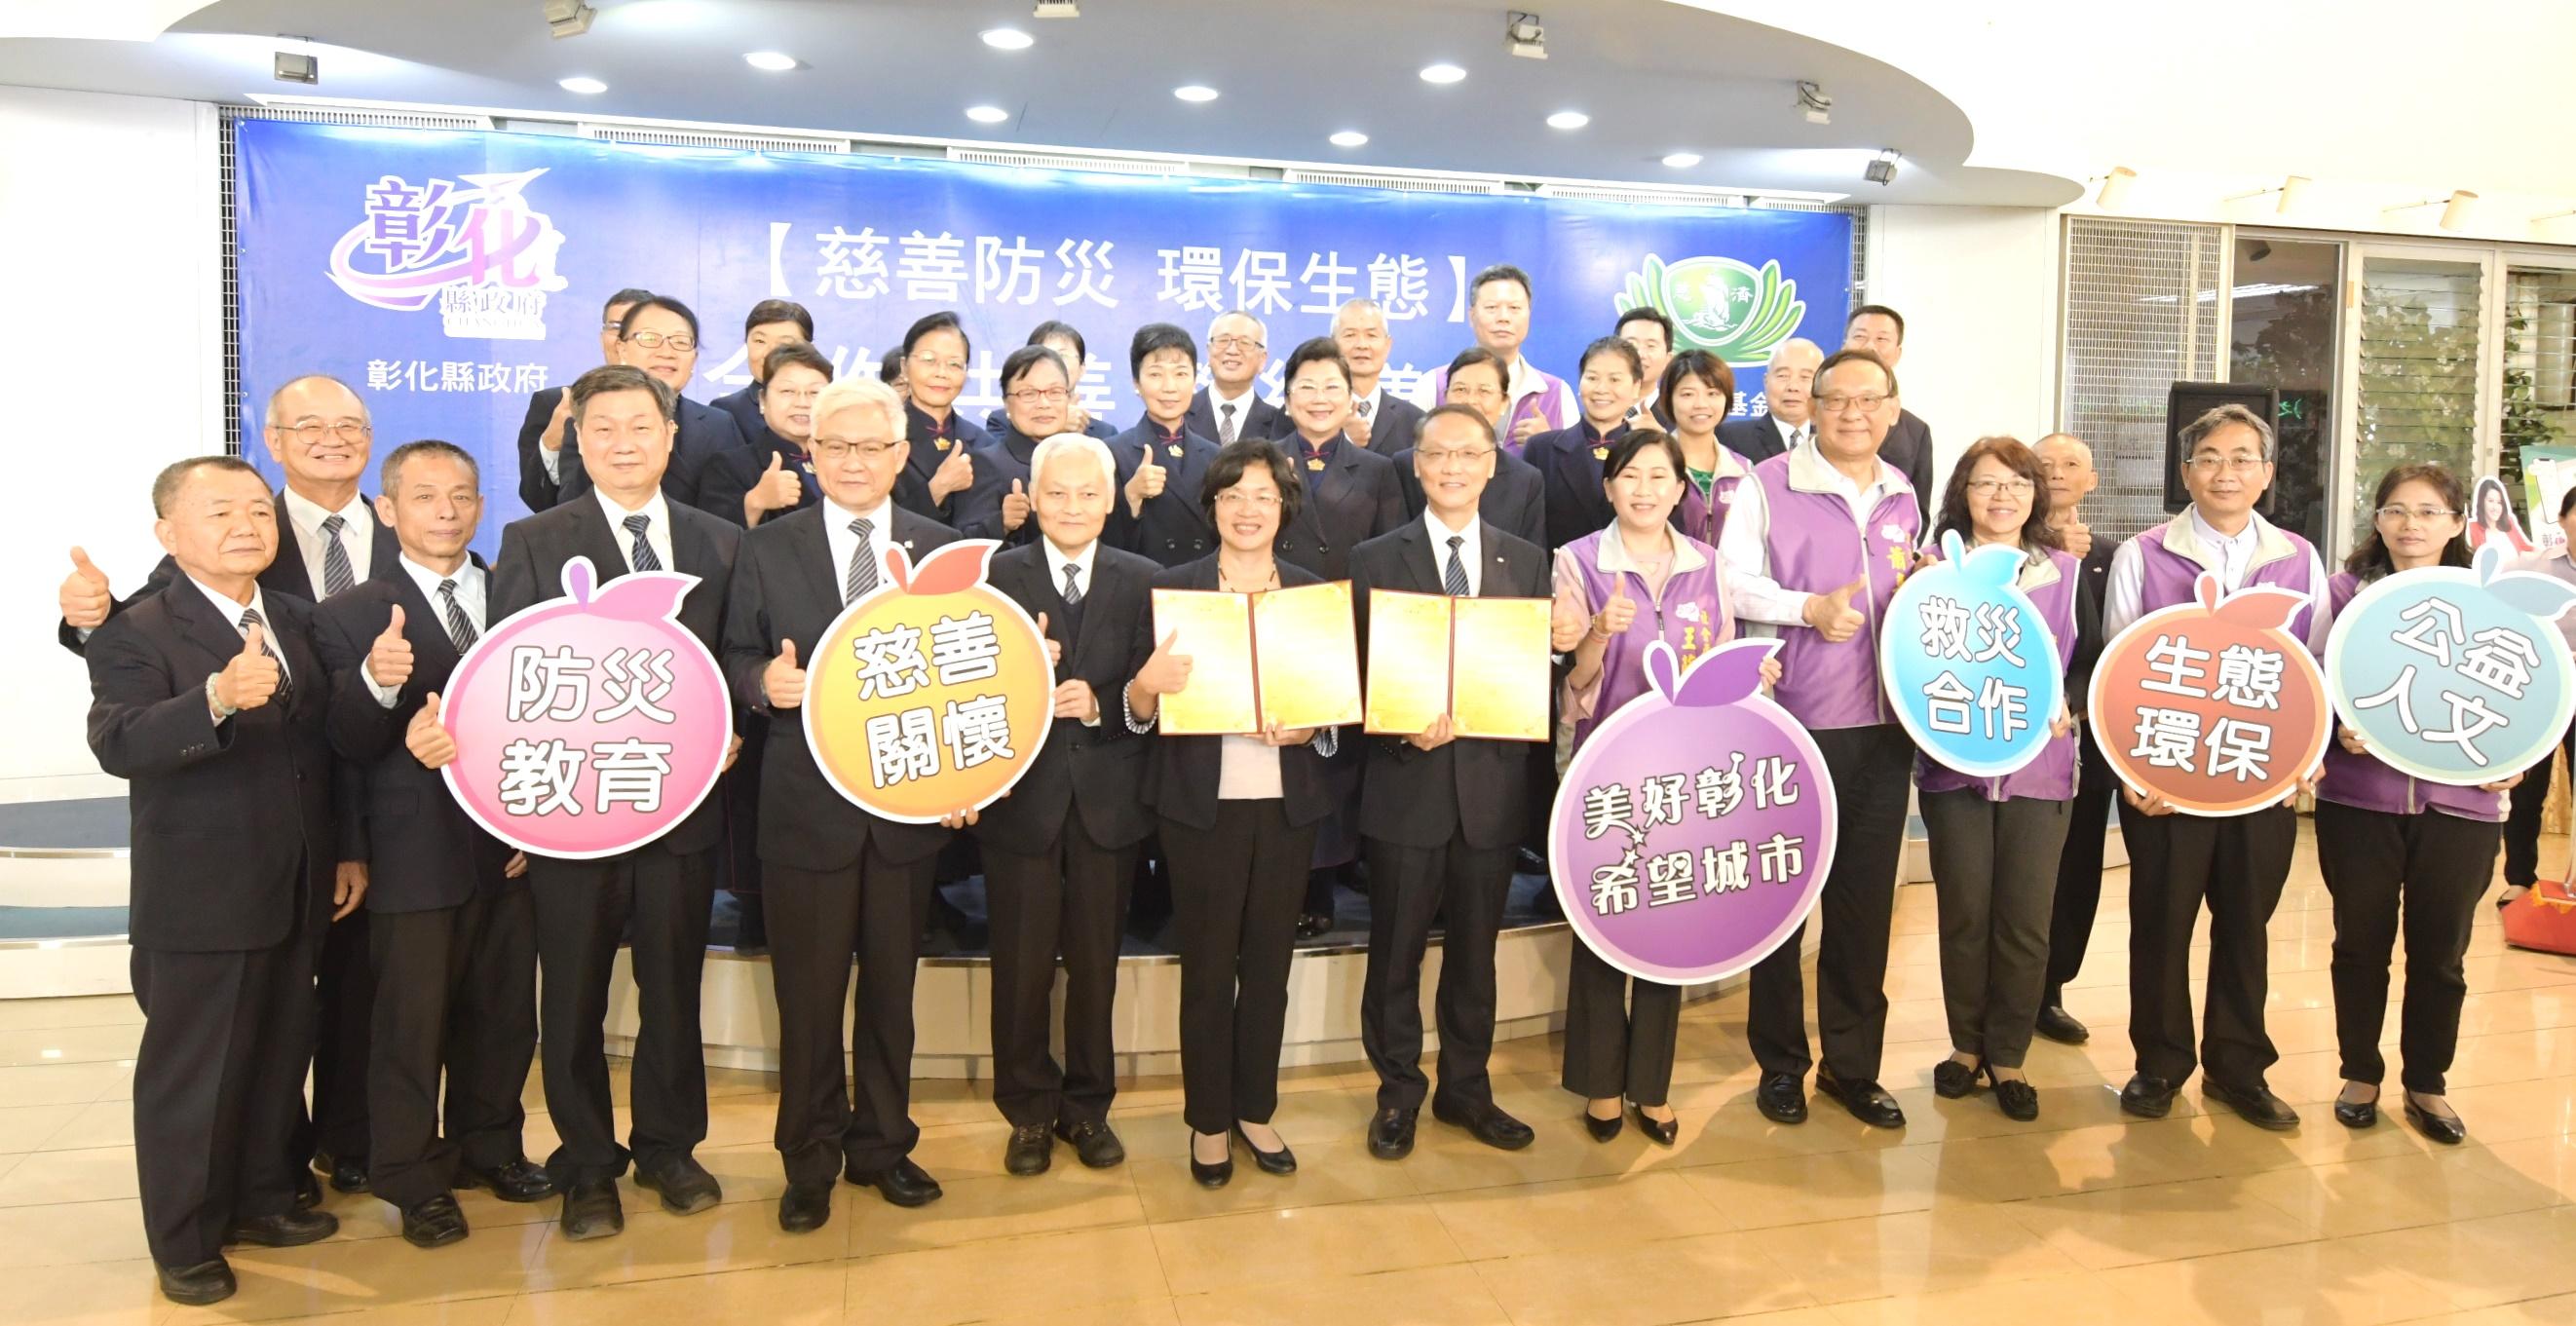 公私協力 一起做善事 彰化縣政府與佛教慈濟基金會合作備忘錄簽署儀式